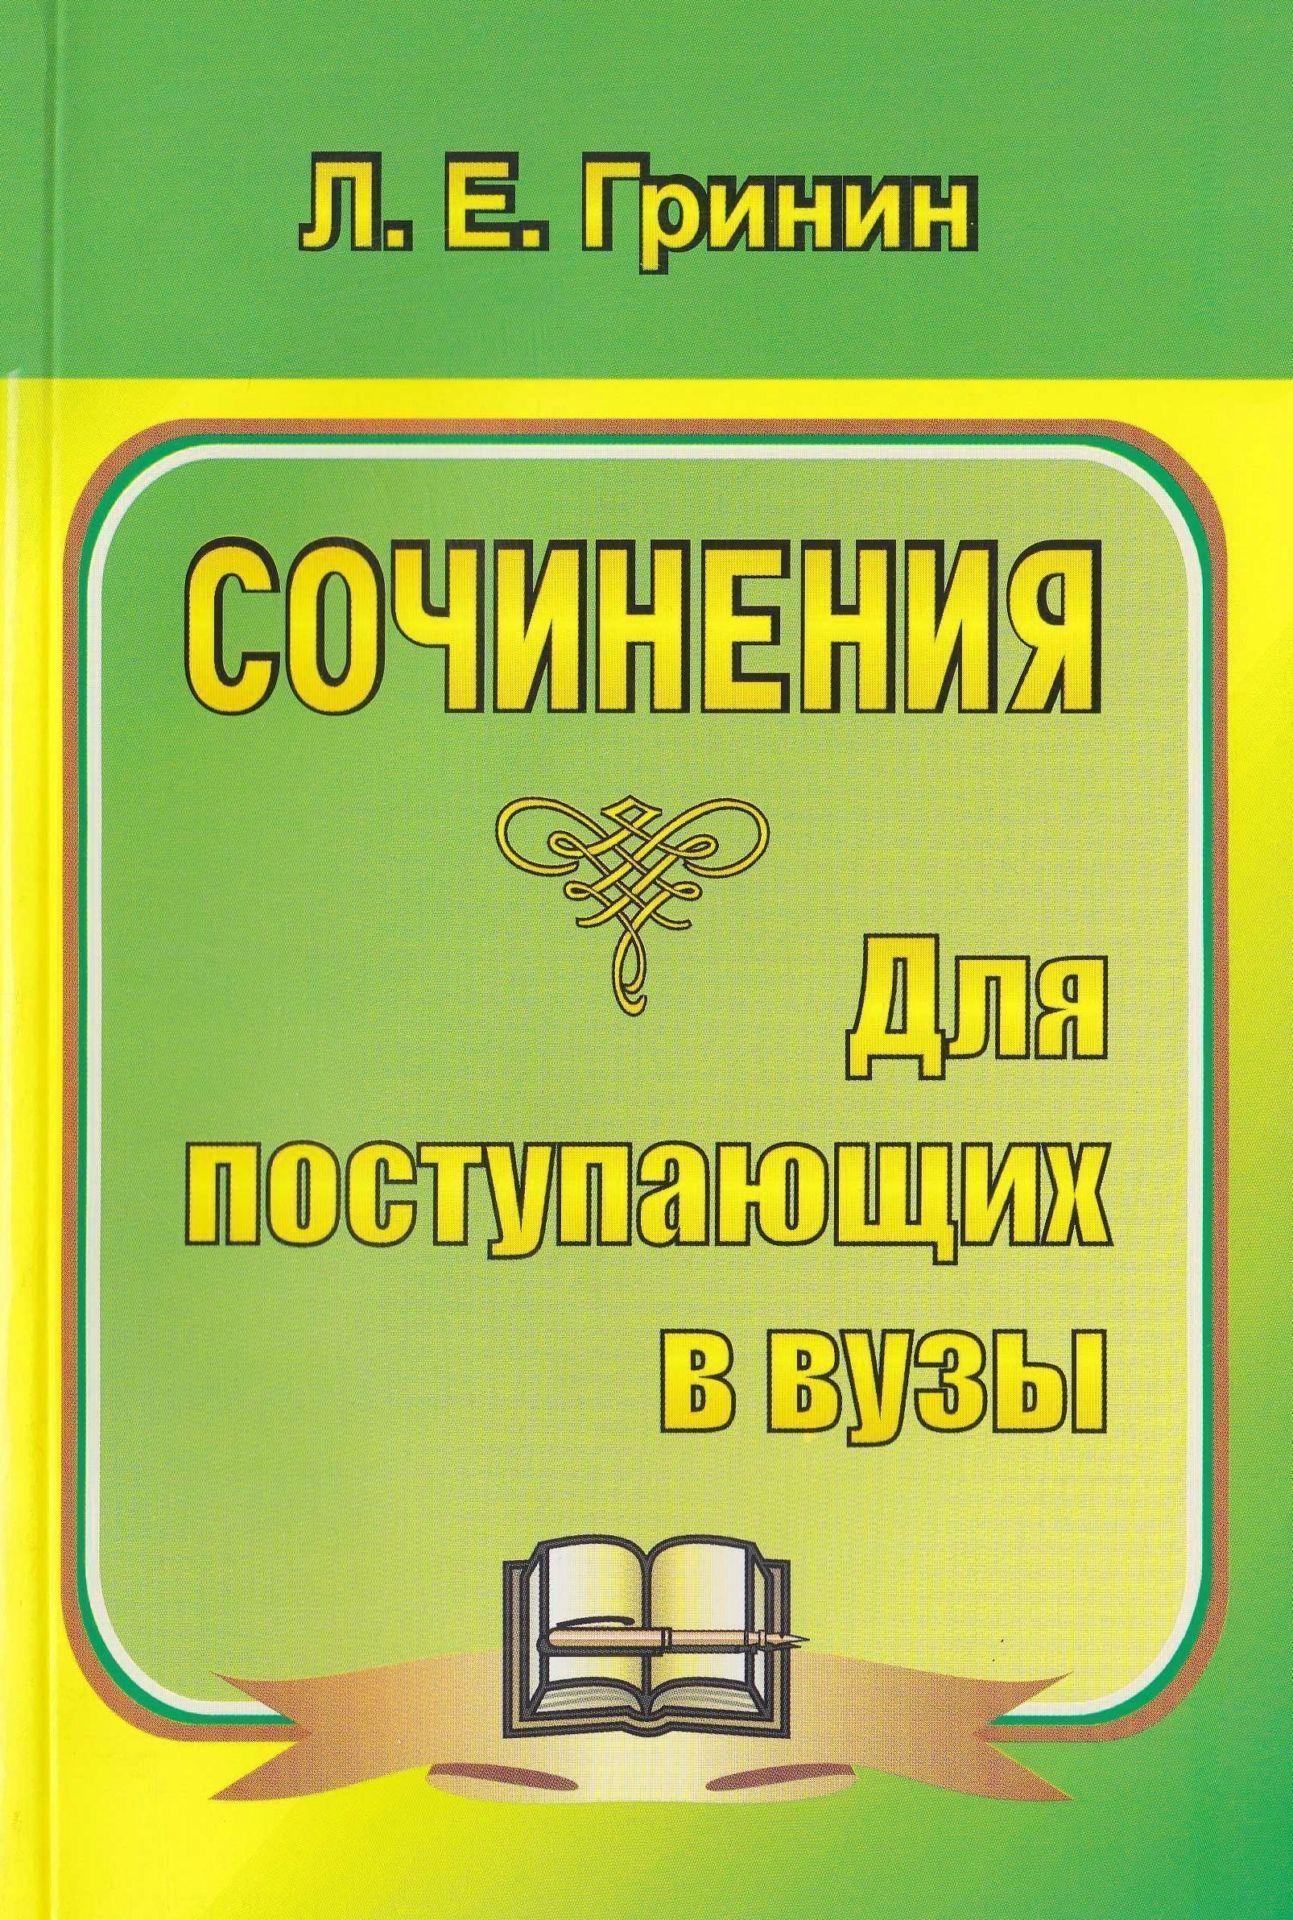 вуз в шпаргалки для на поступающих сочинений язык русский